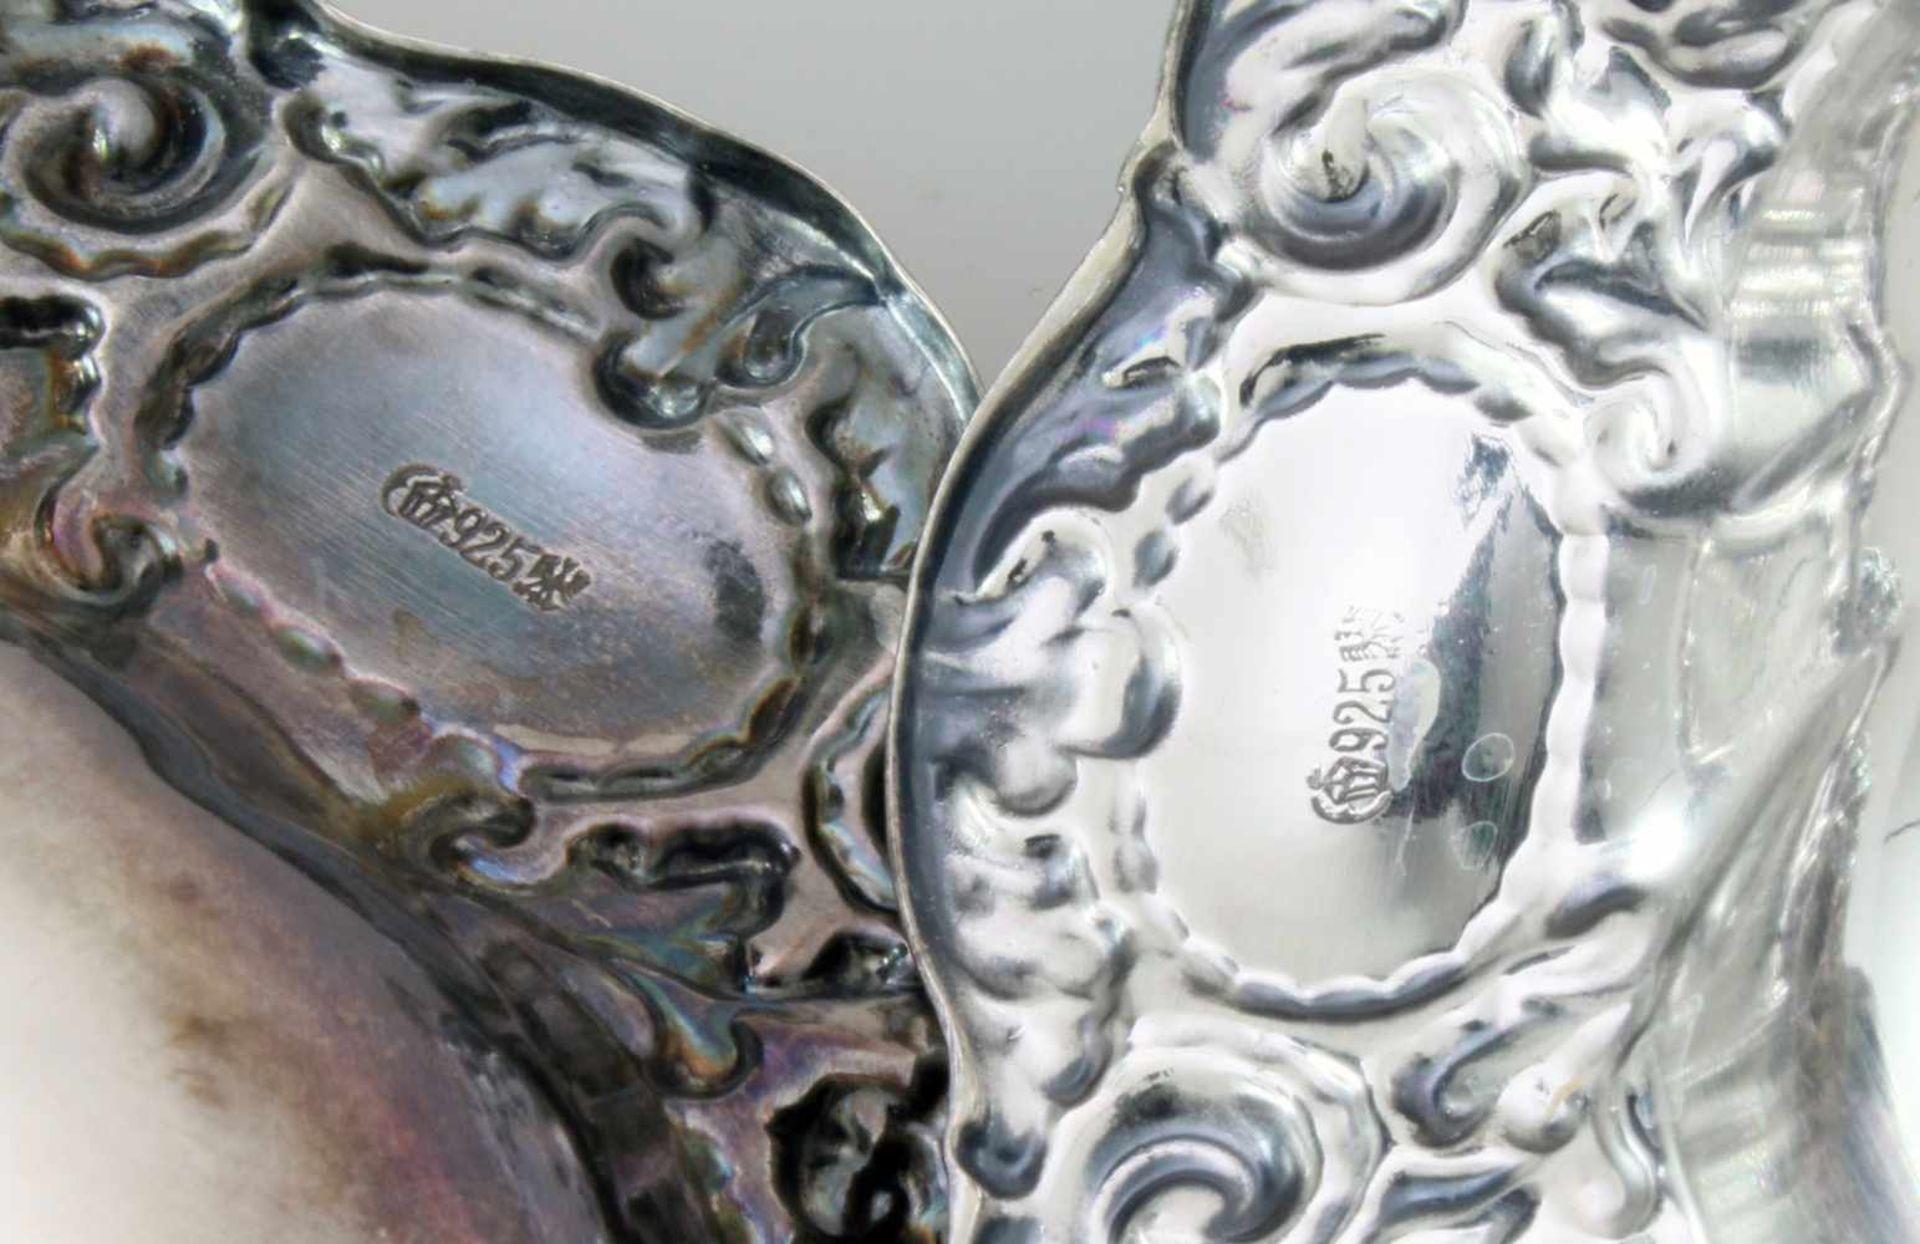 2 silberne Schälchen925er Silber, geschwungener und gedrückter Rand mit Jugendstilzier, Ø 12 und - Bild 2 aus 2